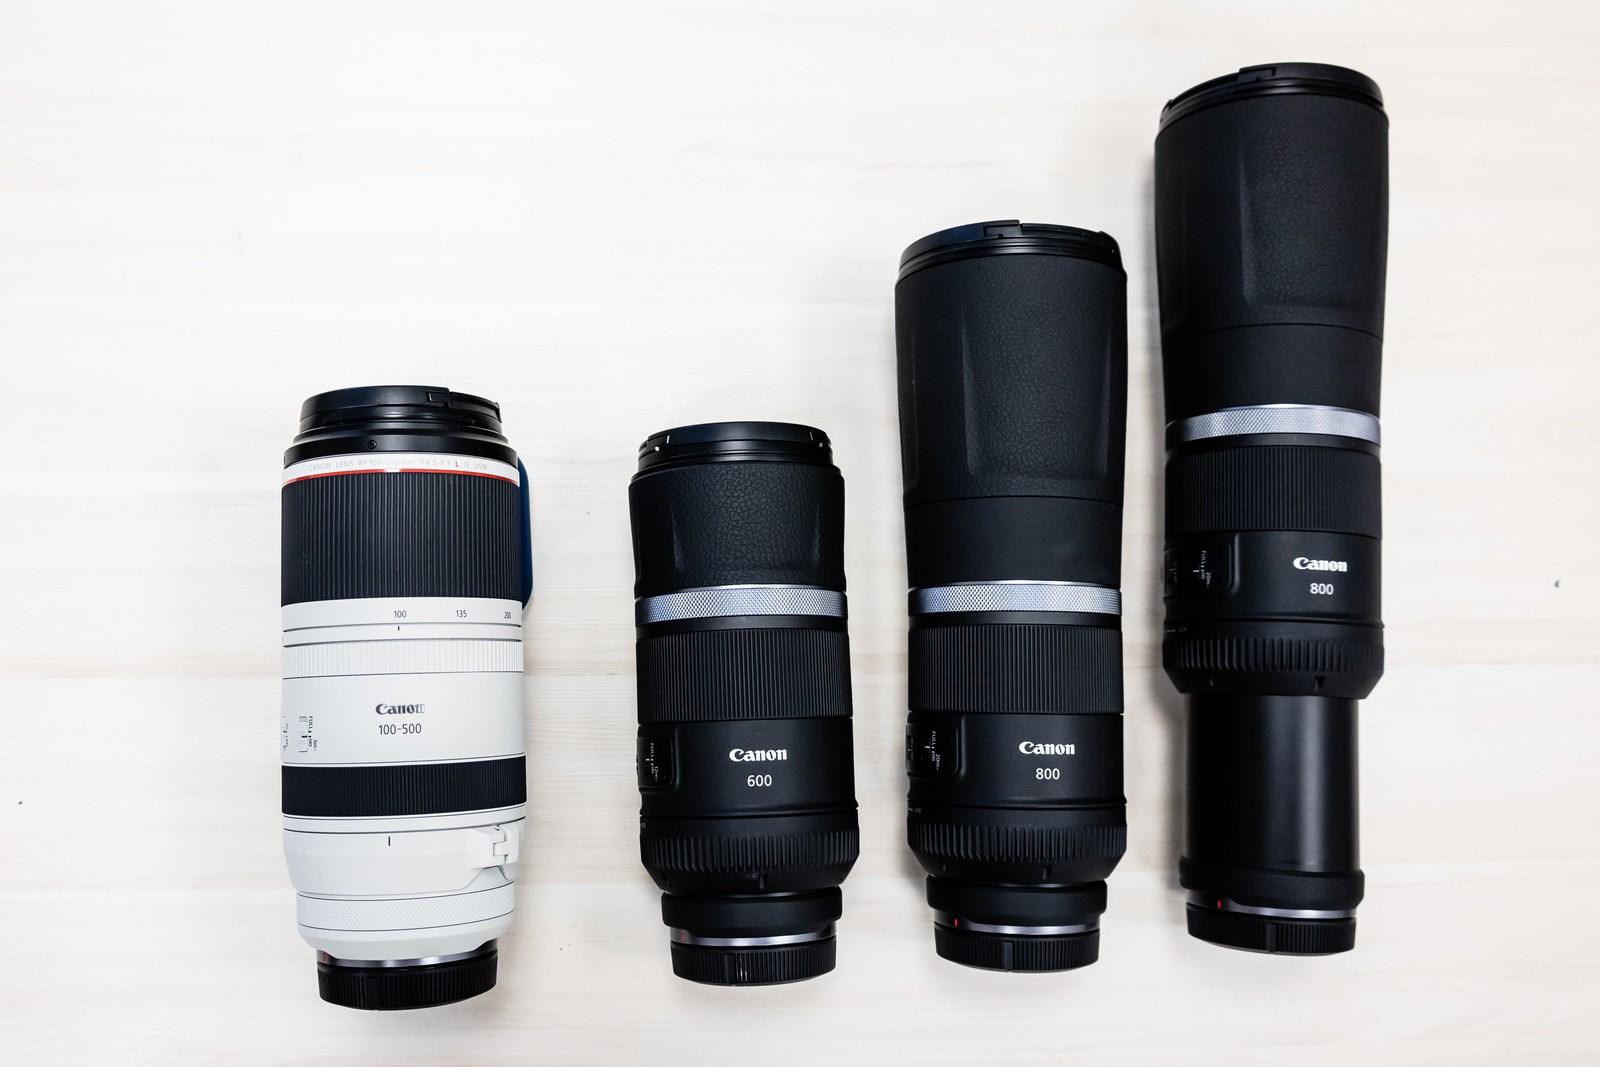 Teleobiektywy Canon: RF 100-500, RF 600, RF800 (drugi z wysuniętym tubusem) fot. Jarosław Responde